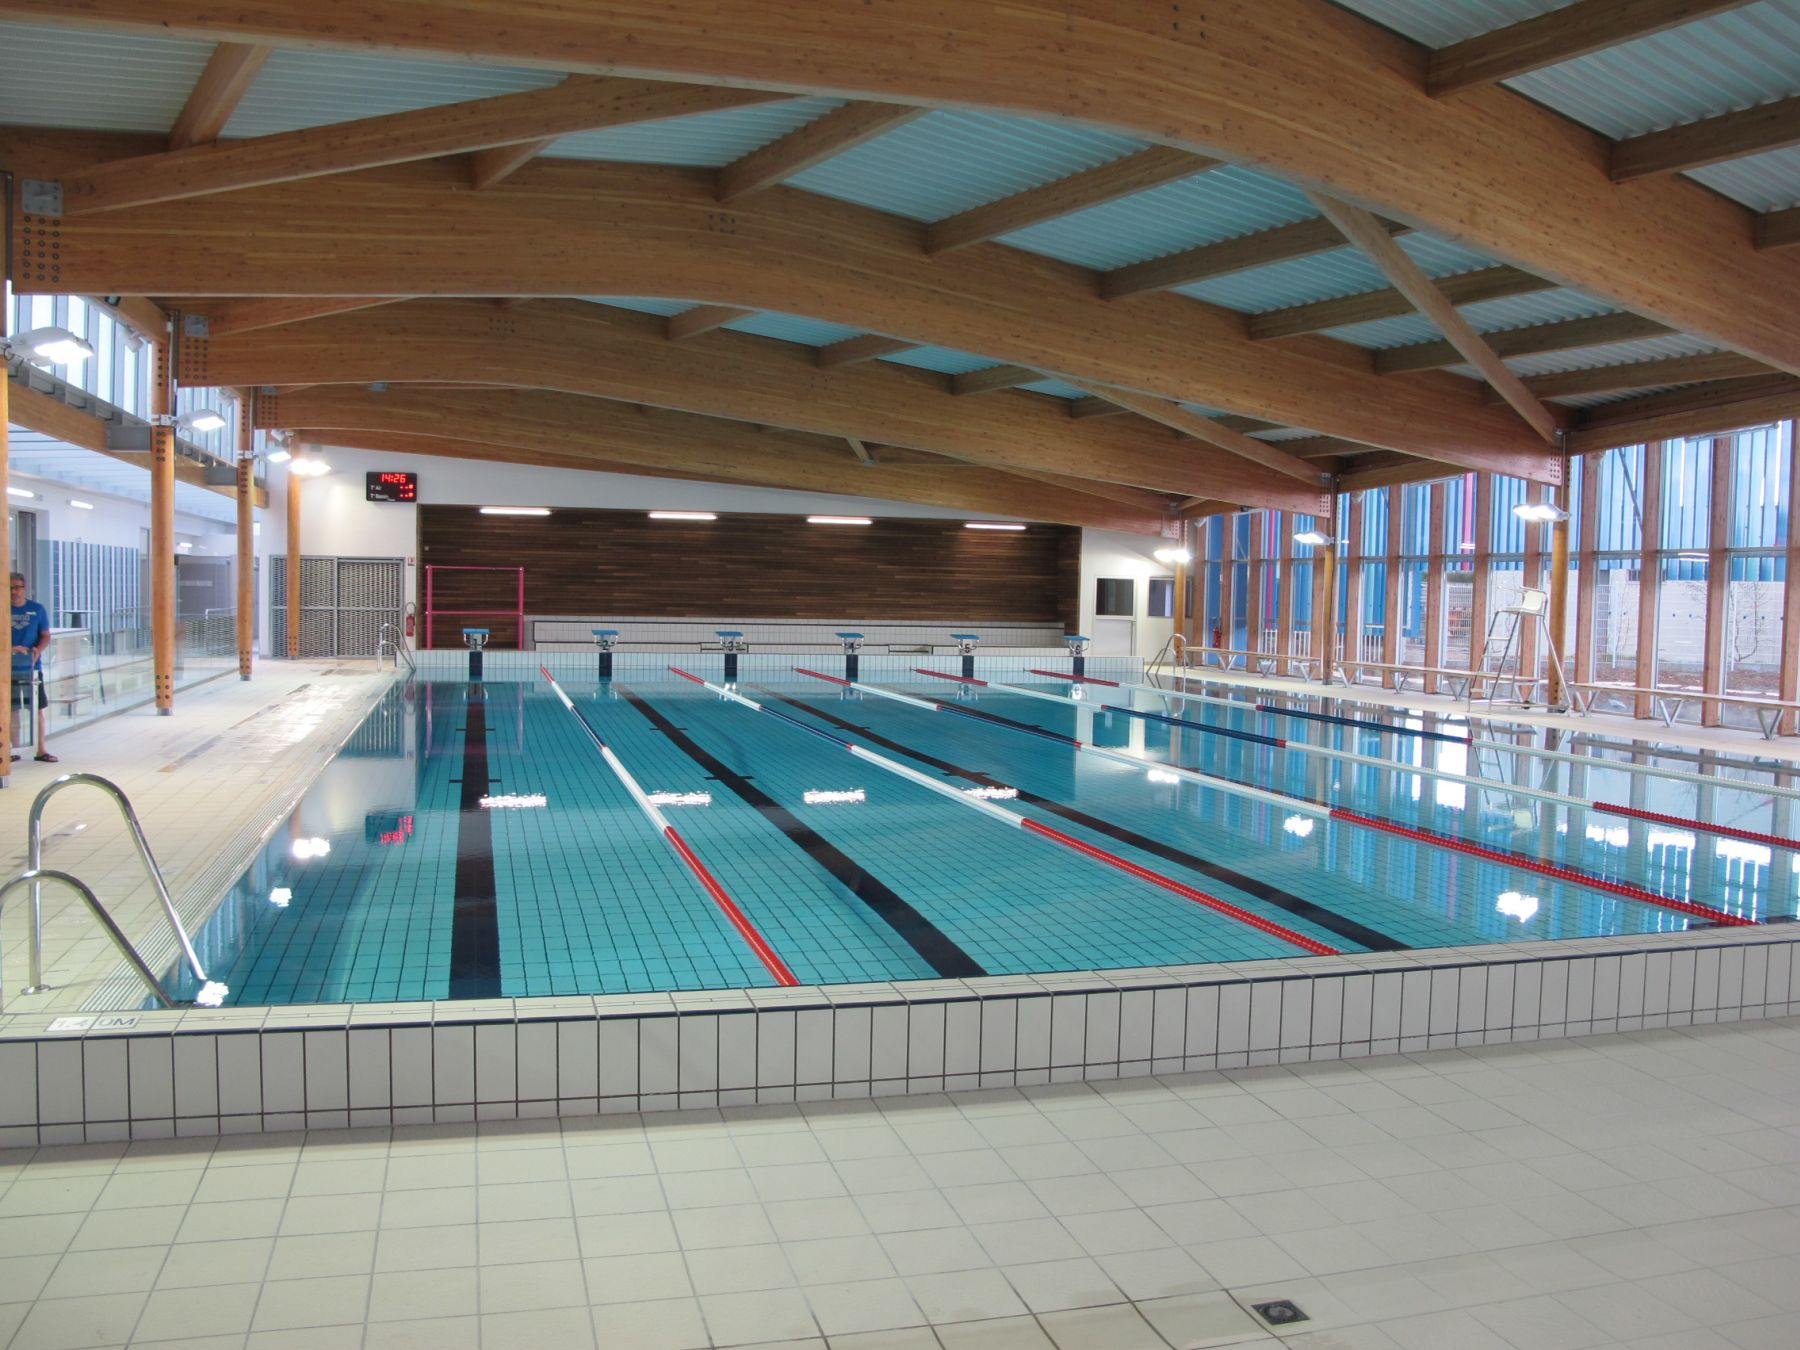 Bulle D'ô : Le Nouveau Centre Aquatique De Joué-Lès-Tours avec Piscine Bulle D O